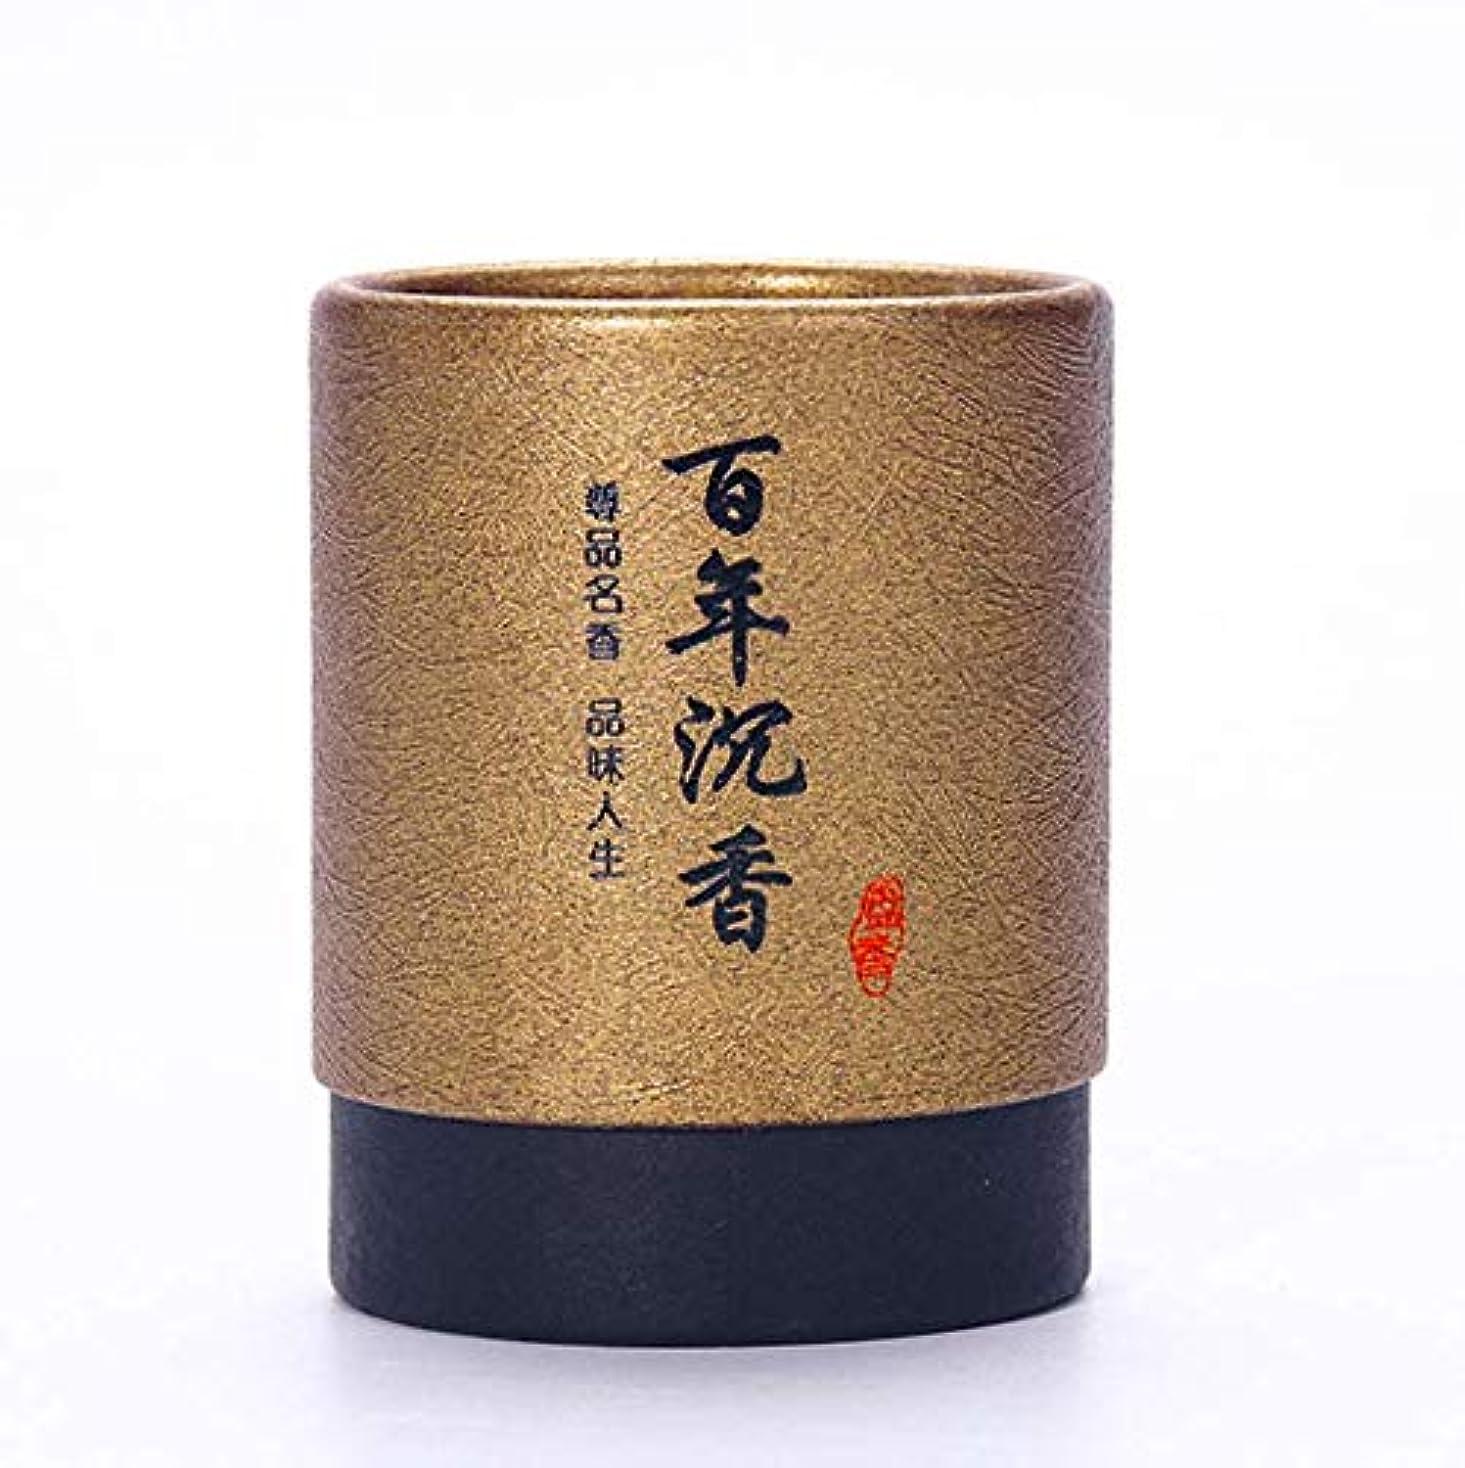 感覚なぜなら計算するHwaGui お香 2時間 盤香 渦巻き線香 優しい香り 48巻入 沉香(百年沈香)